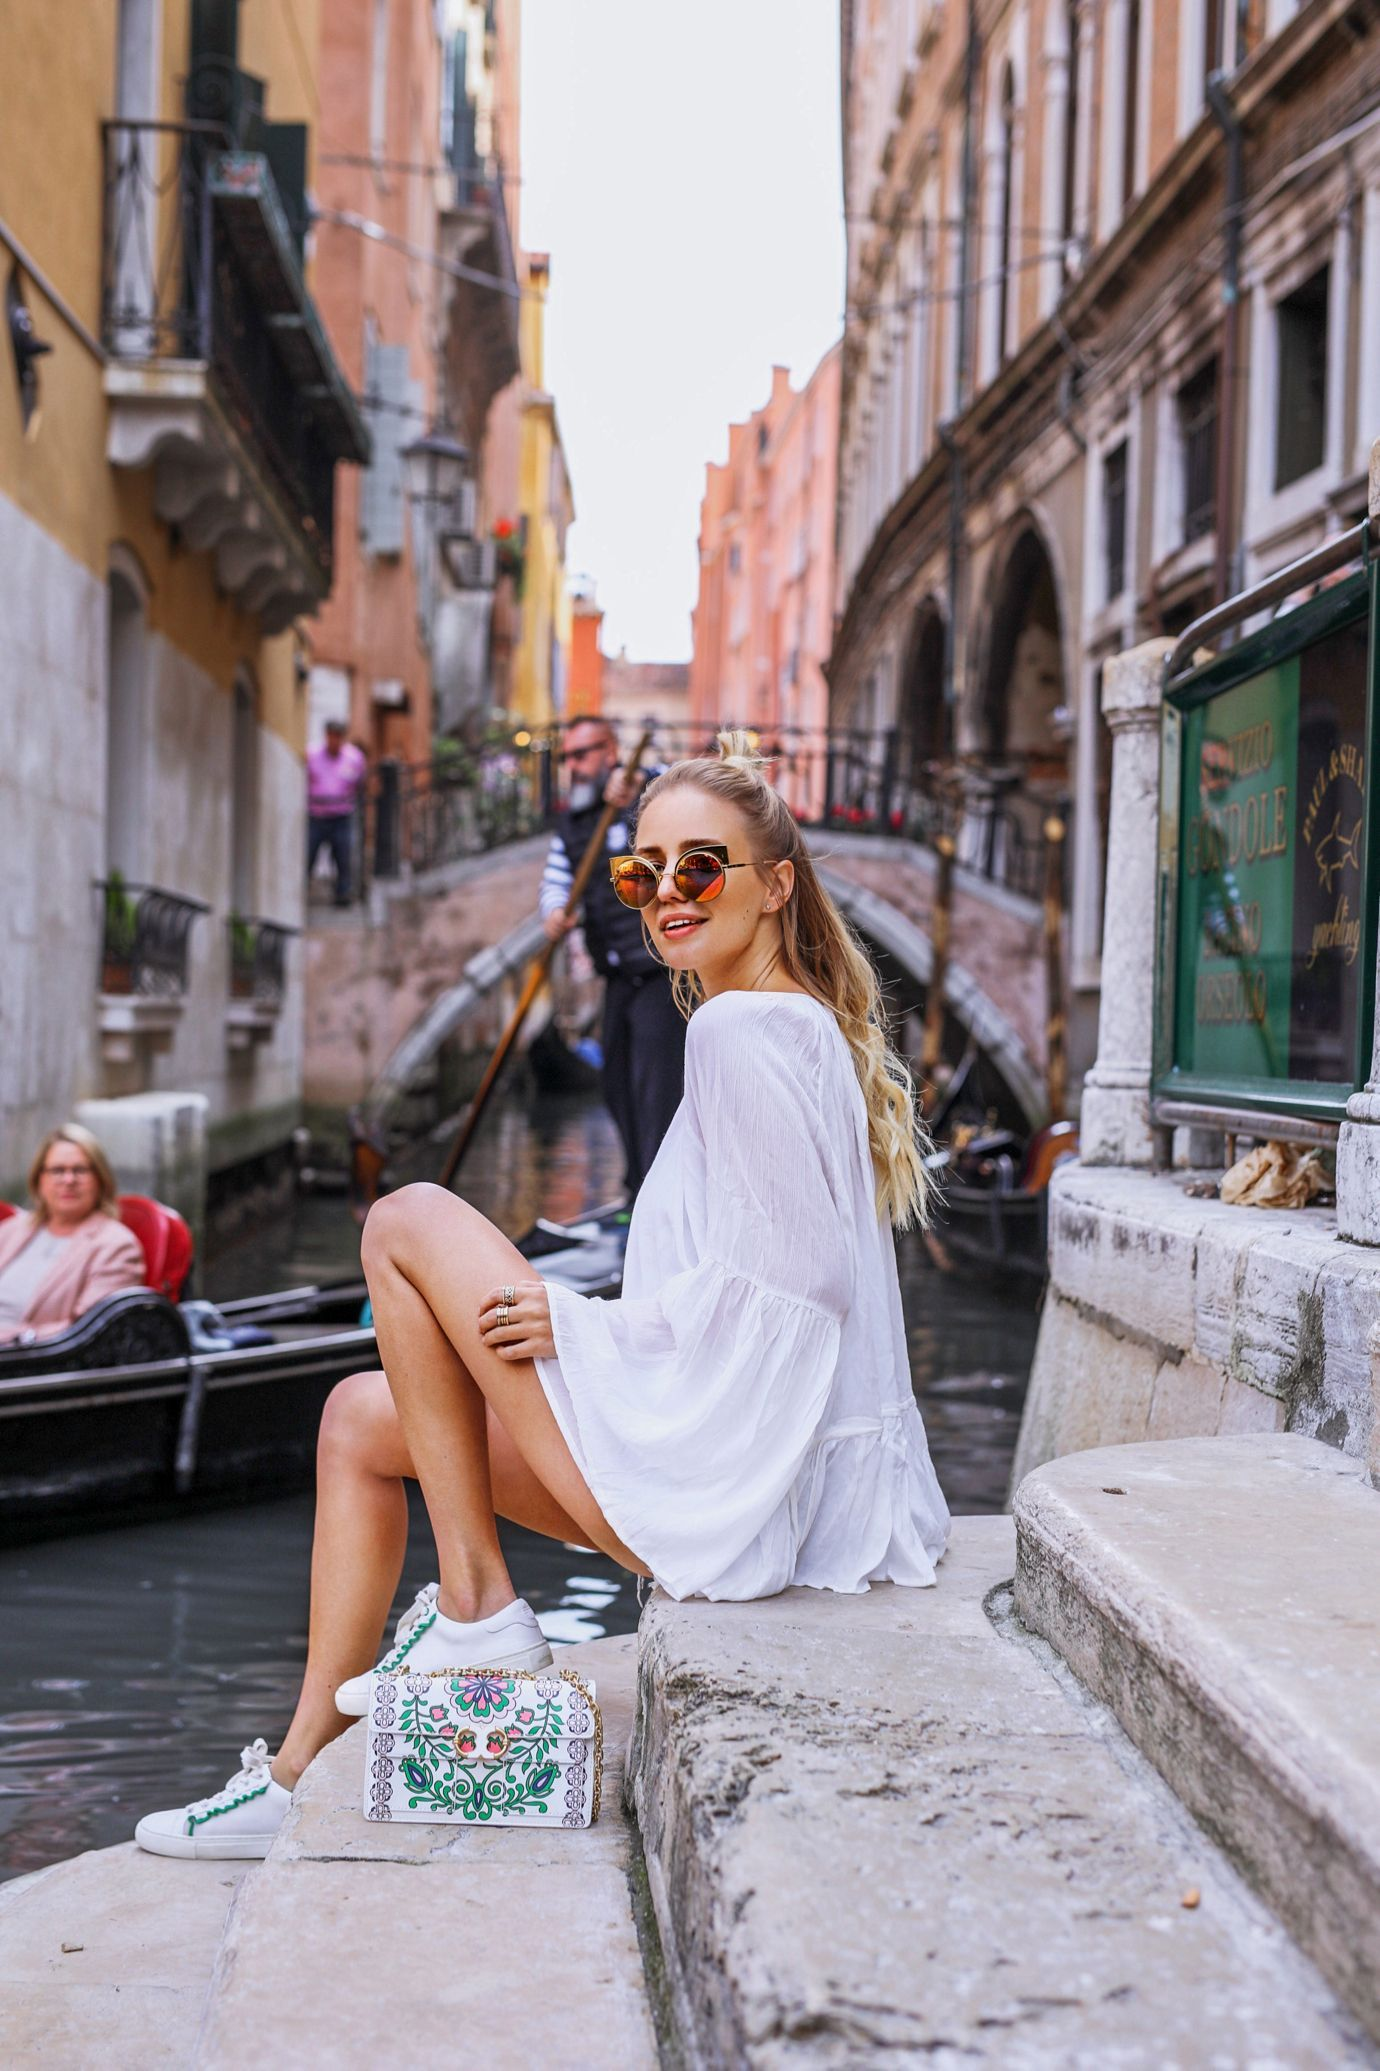 Airbnb Te Paga Por Vivir En Italia Y Comer Pasta Gratis Todo El